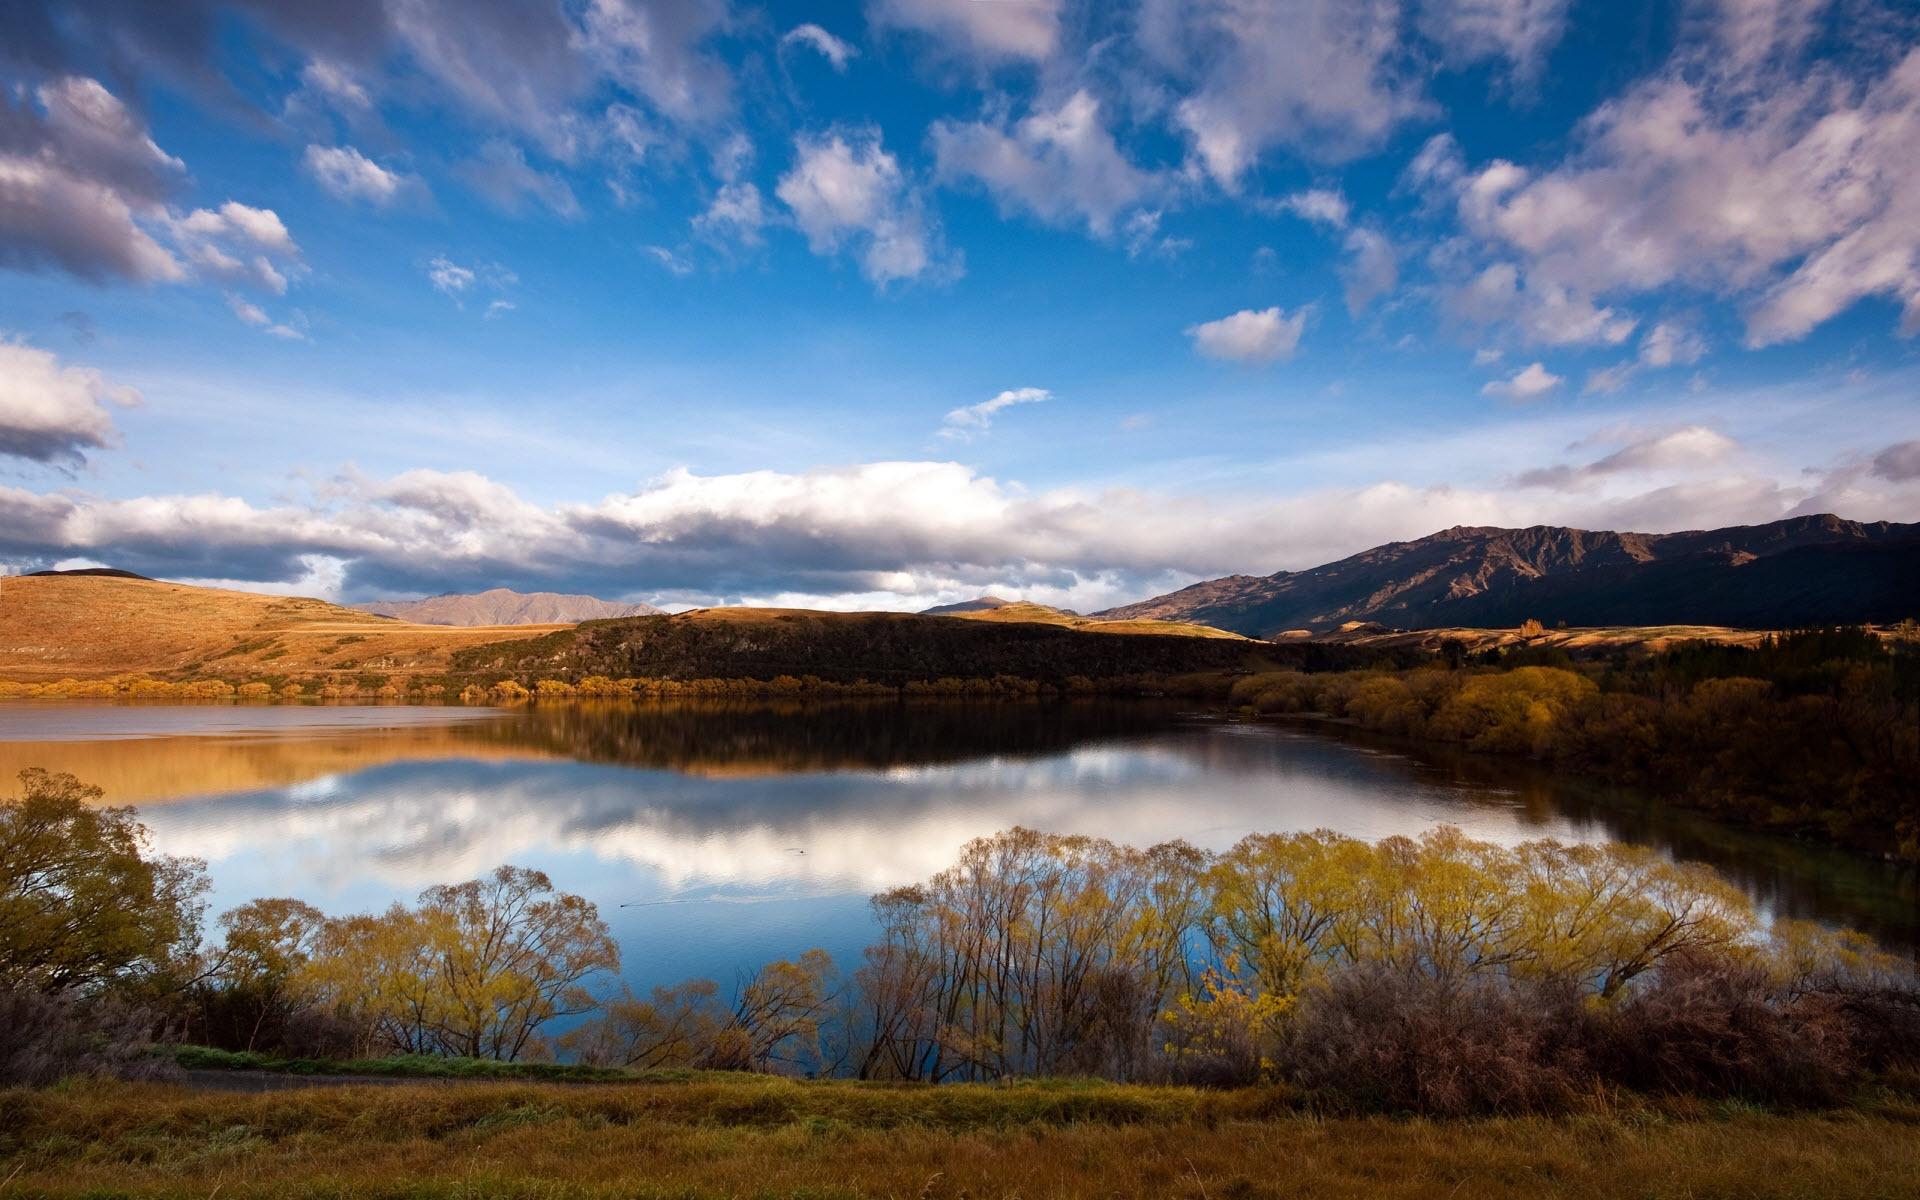 Wallpaper download best - Best Of Nature Widescreen